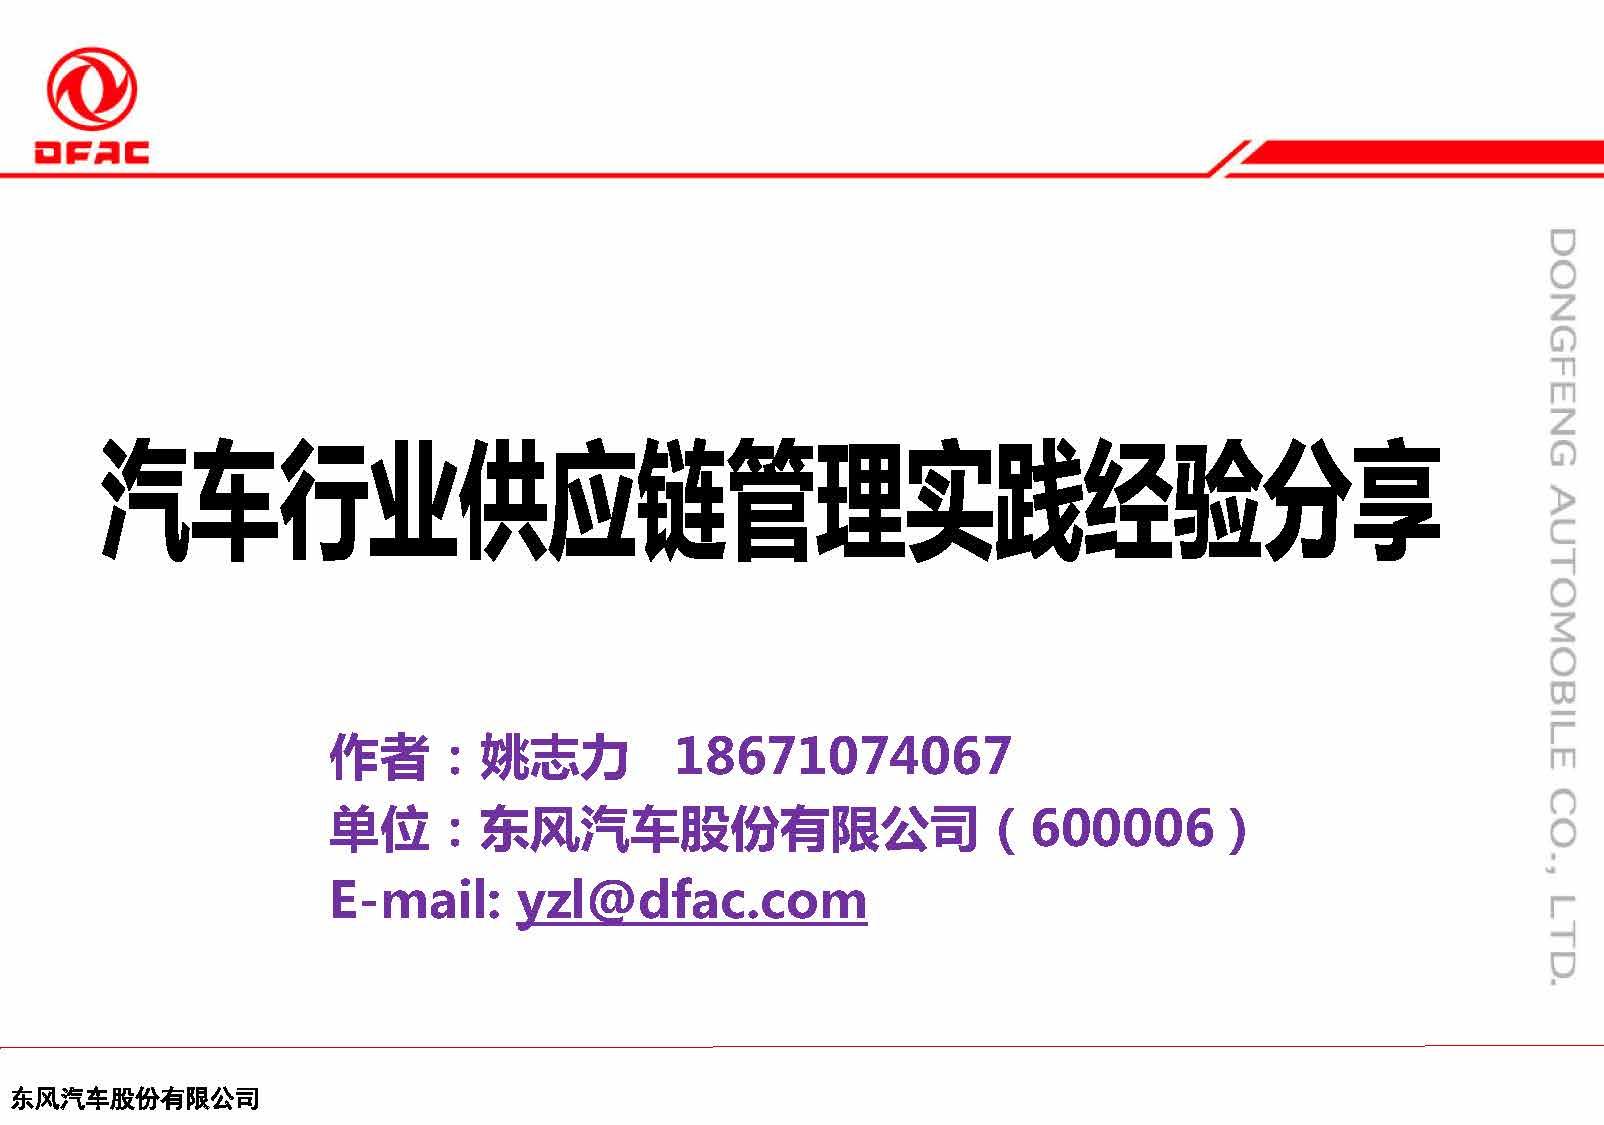 姚志力-汽车行业供应链管理实践经验分享